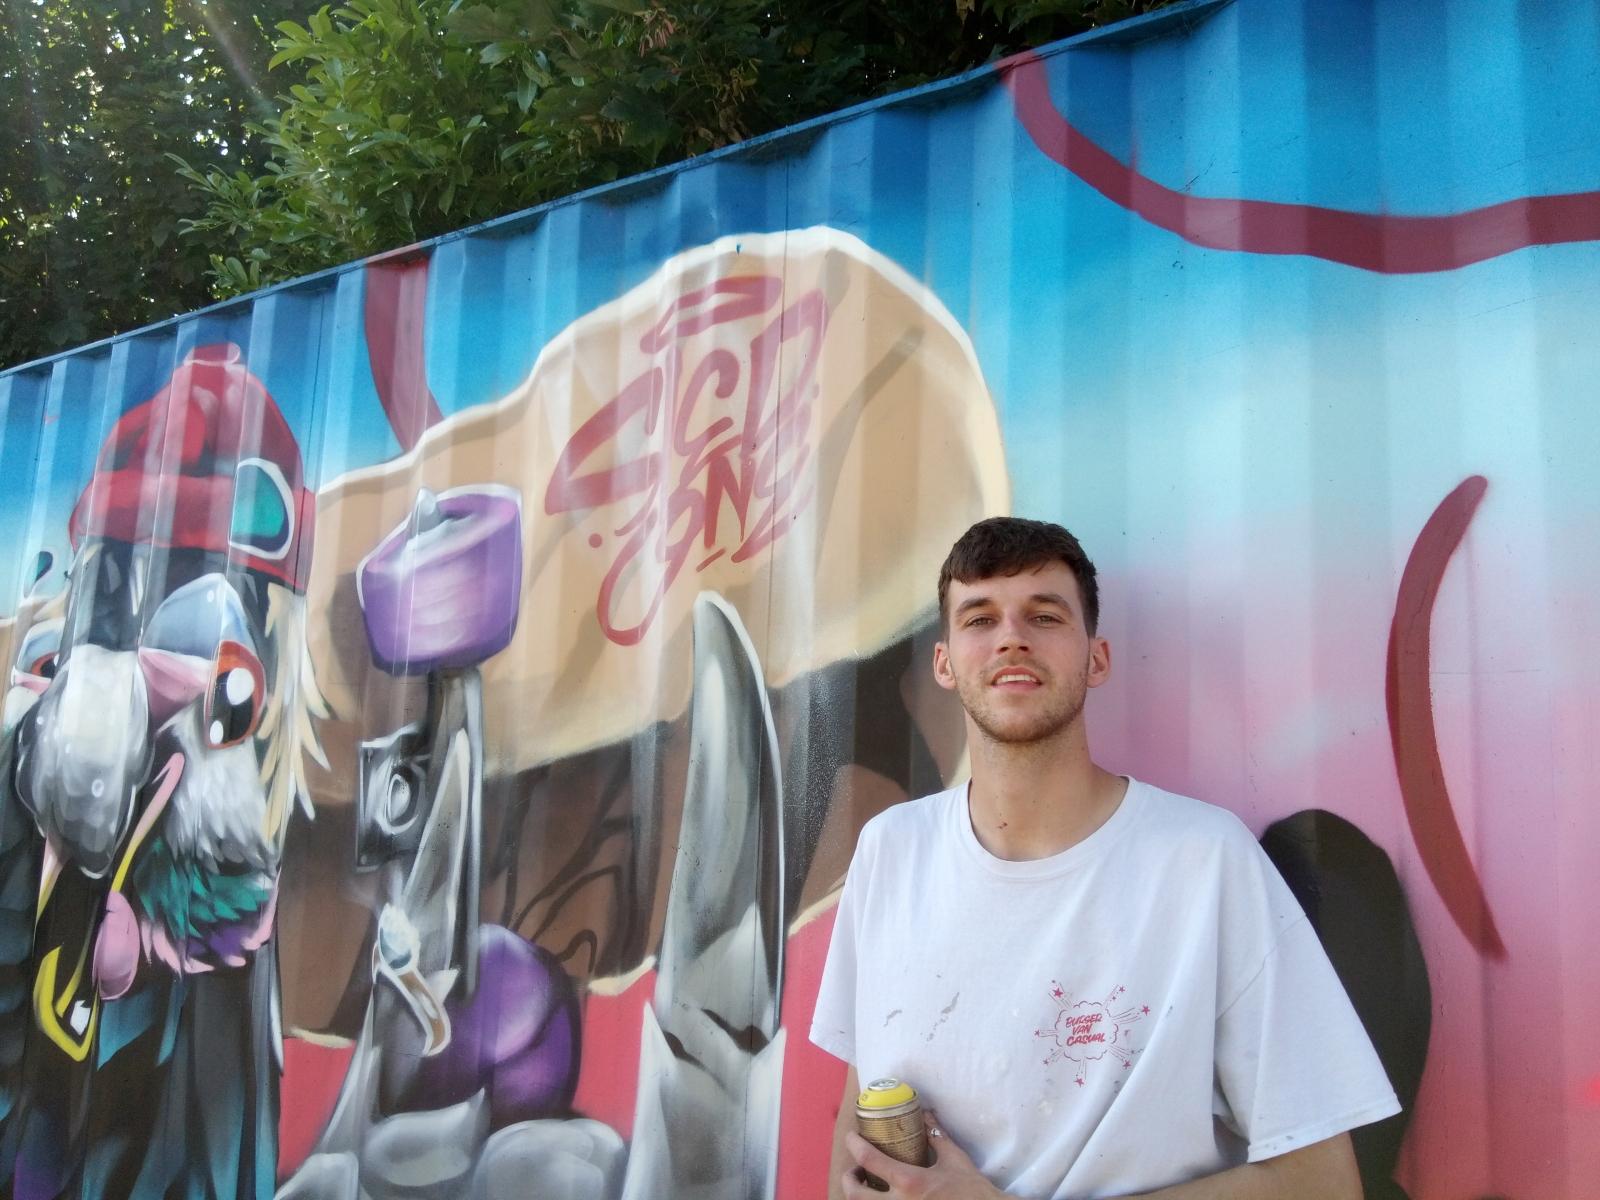 Skatepark-mural.jpeg